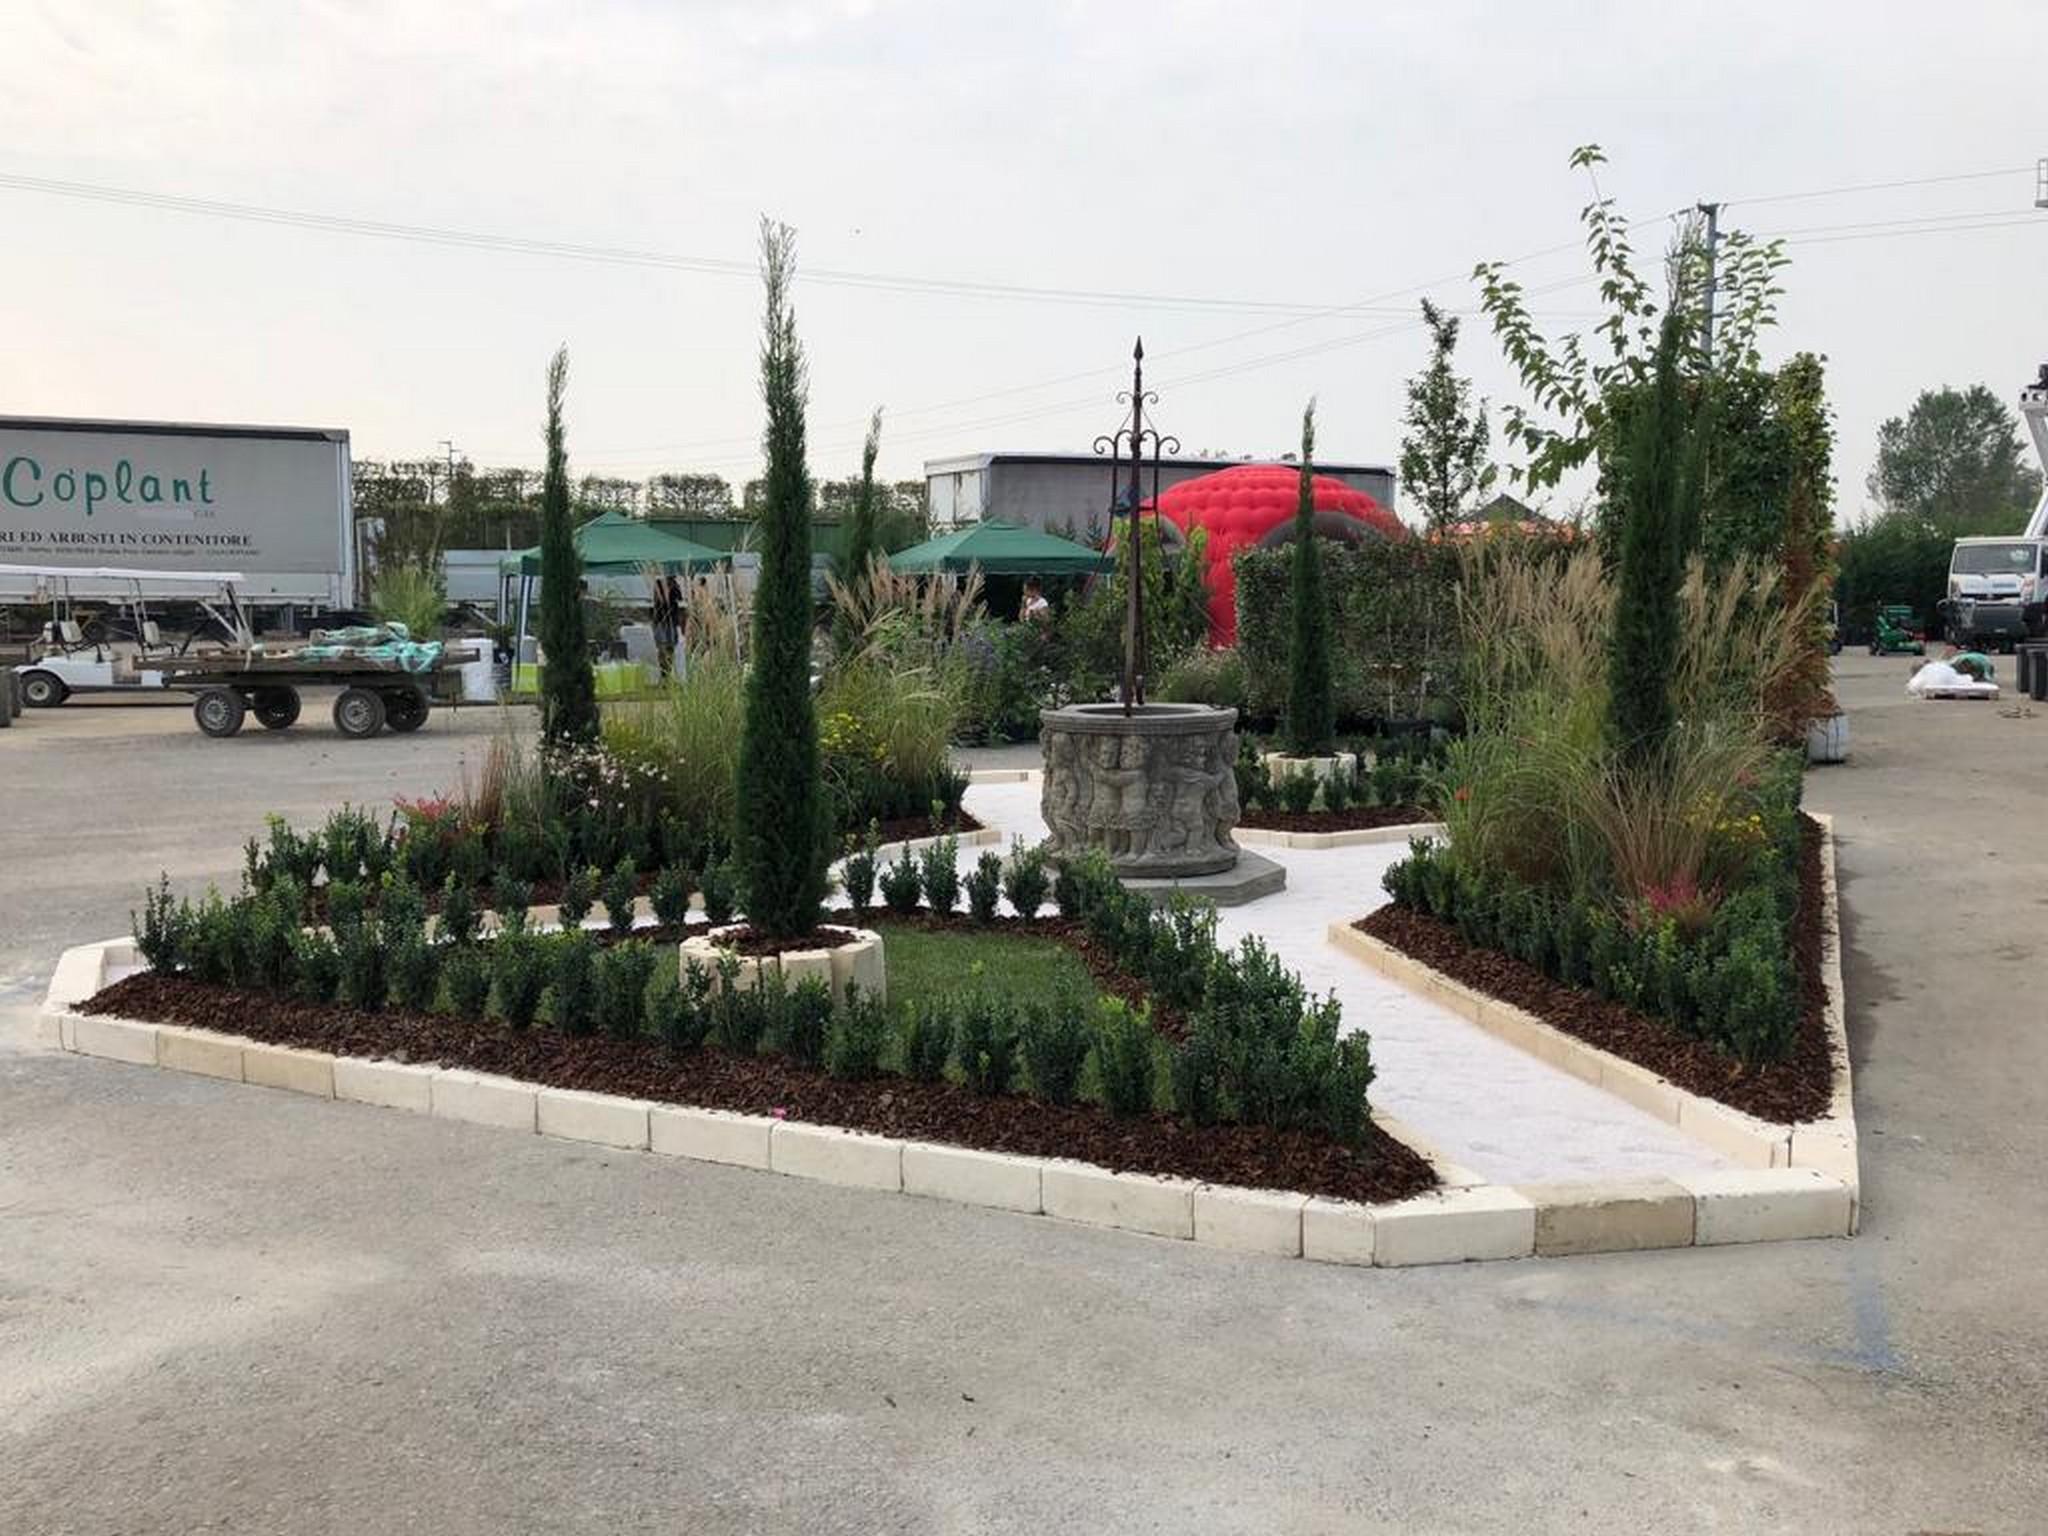 Concorso giardini Verdeggiando_154 Incontro (3539V) Rosanna De Florio